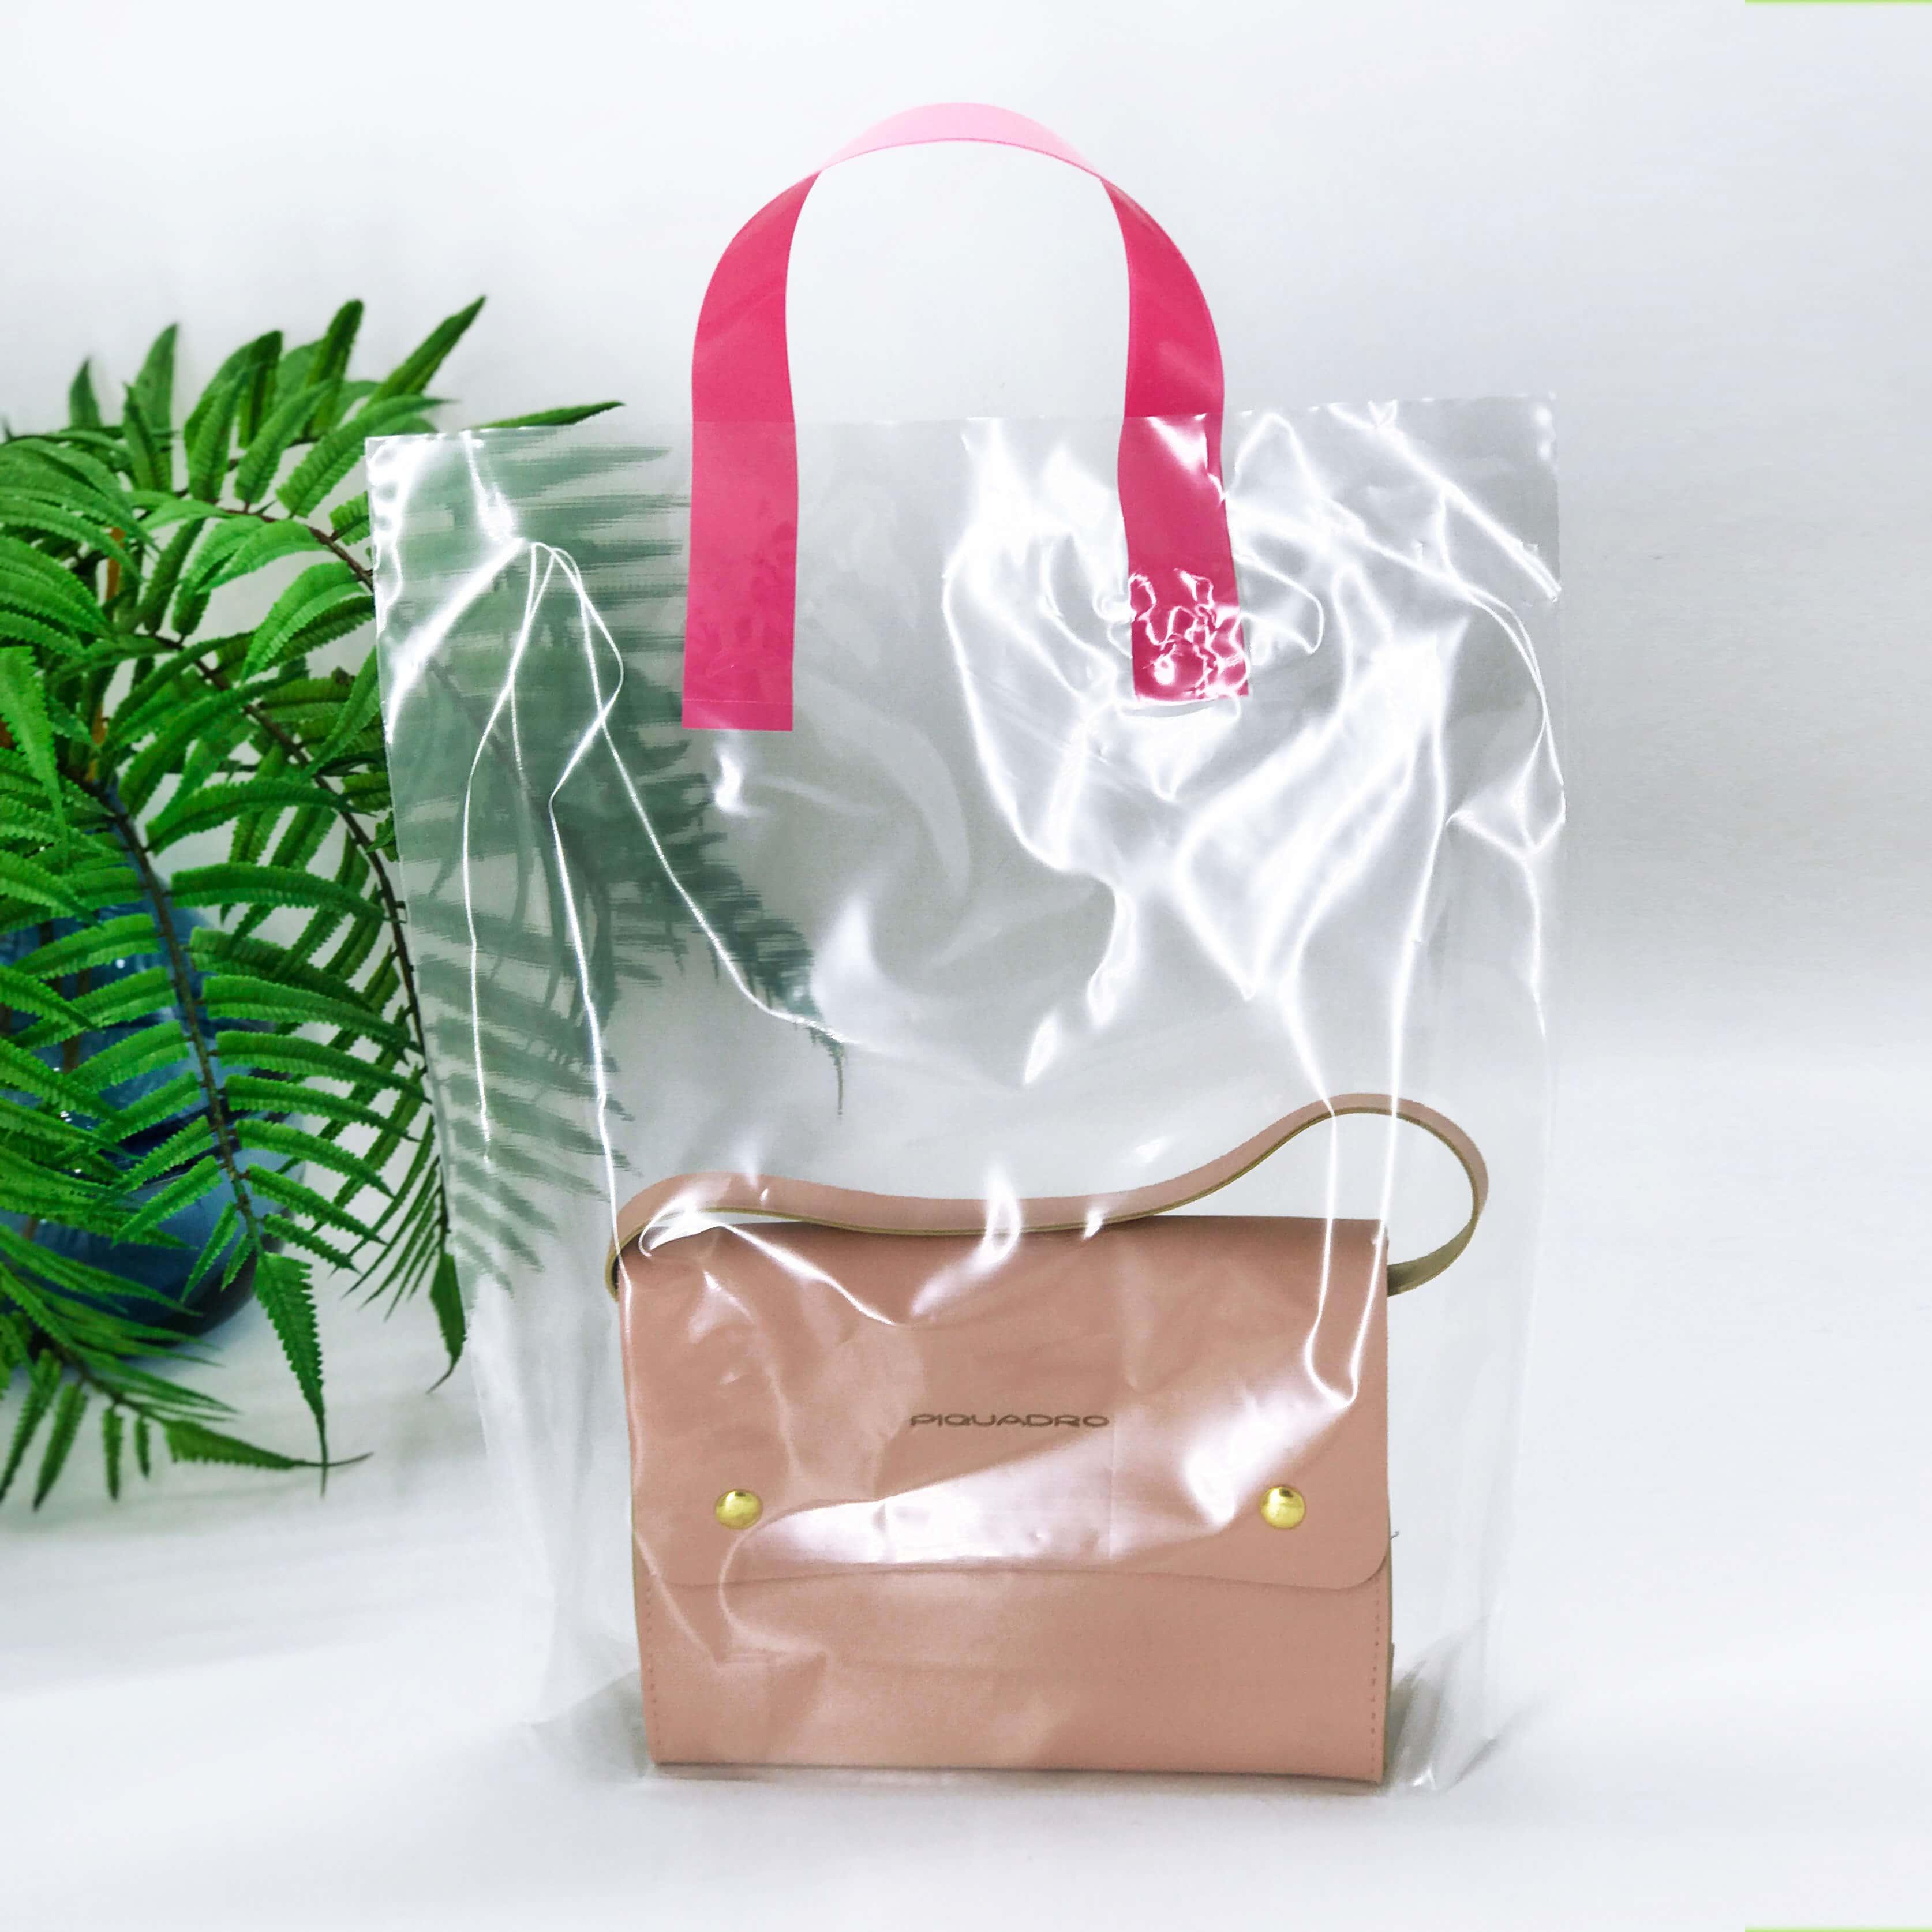 Пакет активированный с розовой петлевой ручкой 300*350 мм, А6 полиэтилен, ПРОЗРАЧНЫЙ -Chernigov Package - Photo +1607434216631844